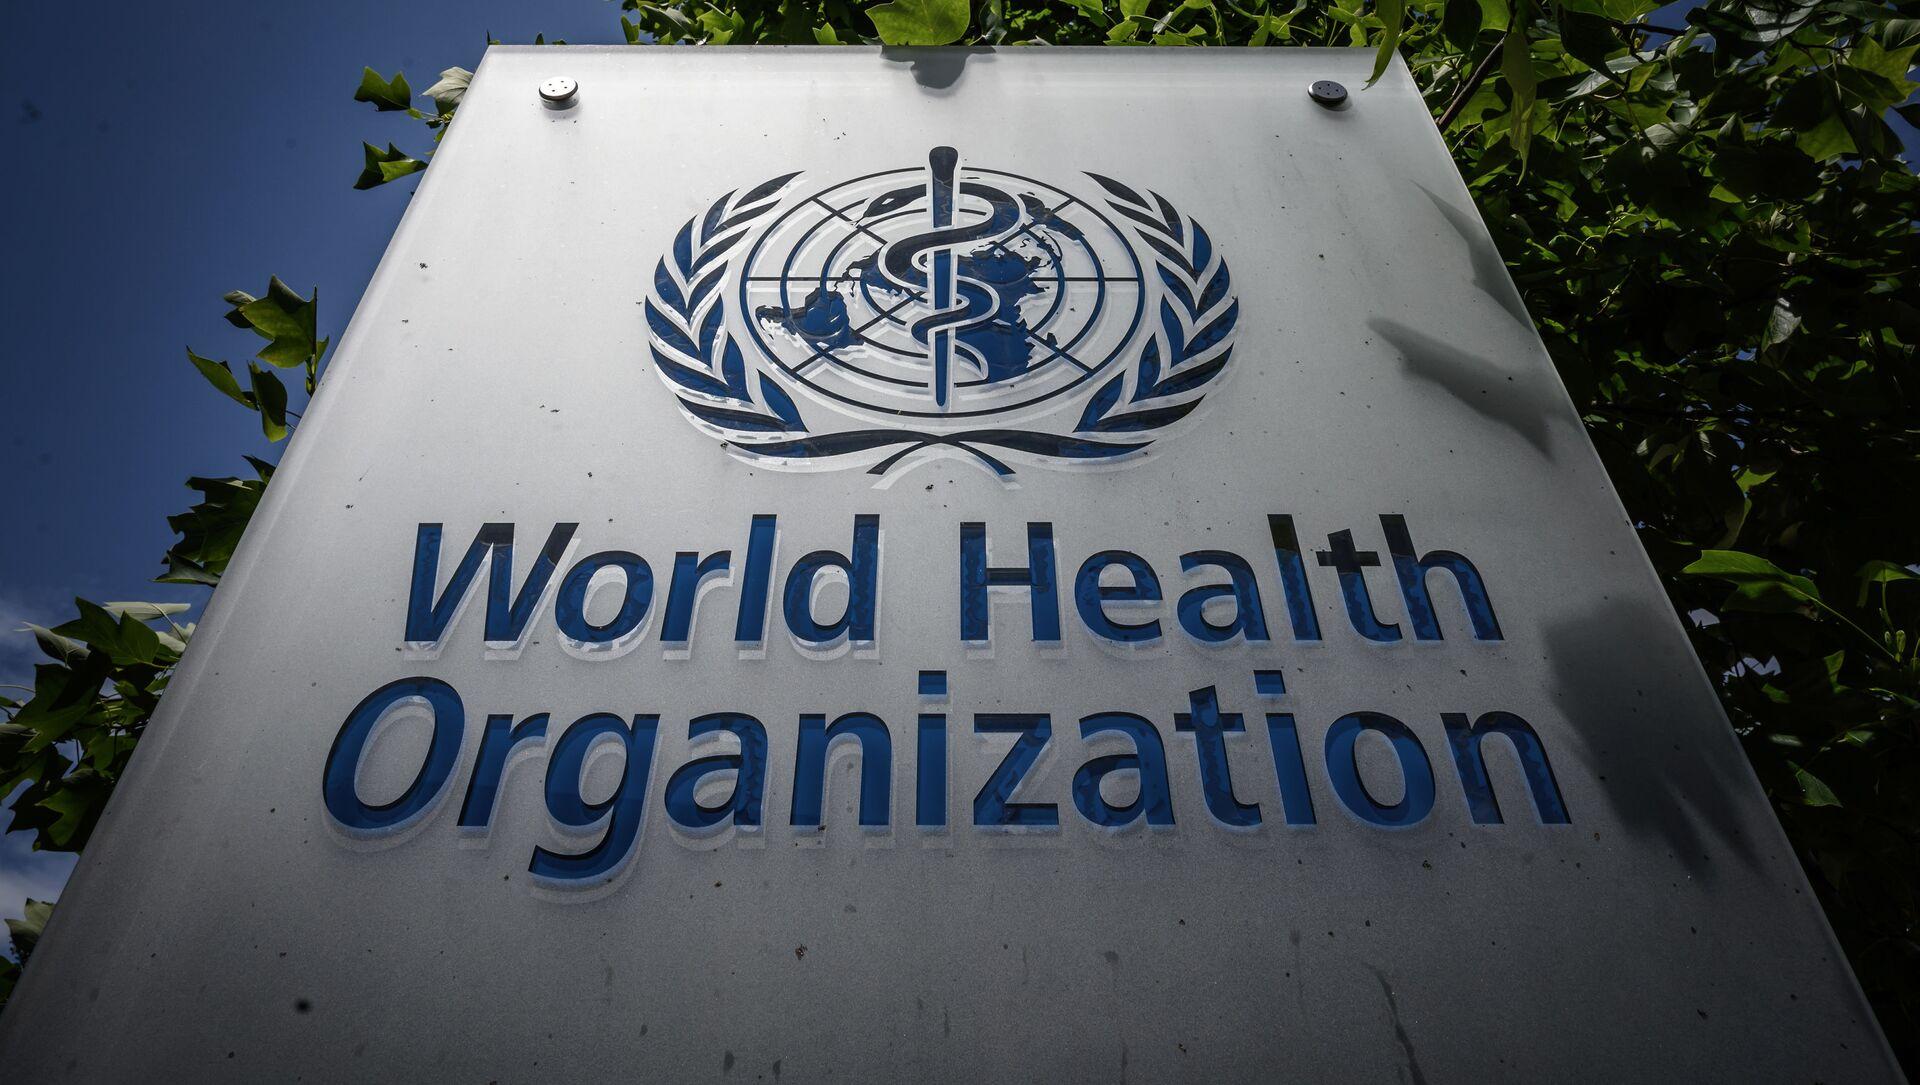 Штаб-квартира Всемирной организации здравоохранения (ВОЗ) в Женеве, фото из архива  - Sputnik Azərbaycan, 1920, 01.09.2021